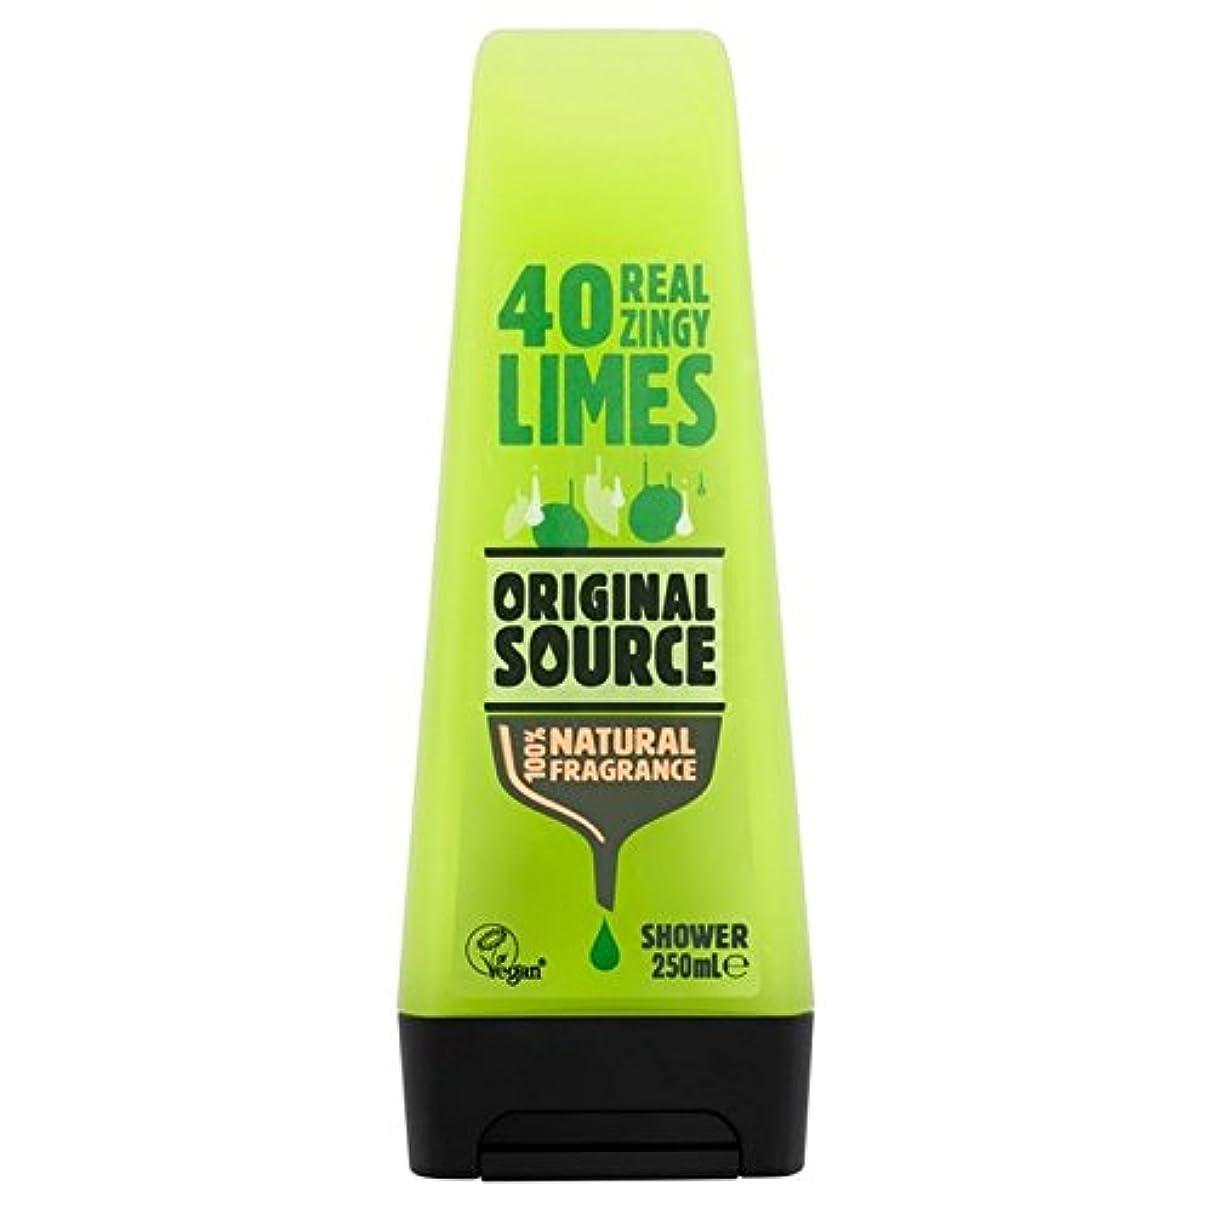 鏡金銭的な理想的Original Source Lime Shower Gel 250ml (Pack of 6) - 元のソースライムシャワージェル250ミリリットル x6 [並行輸入品]